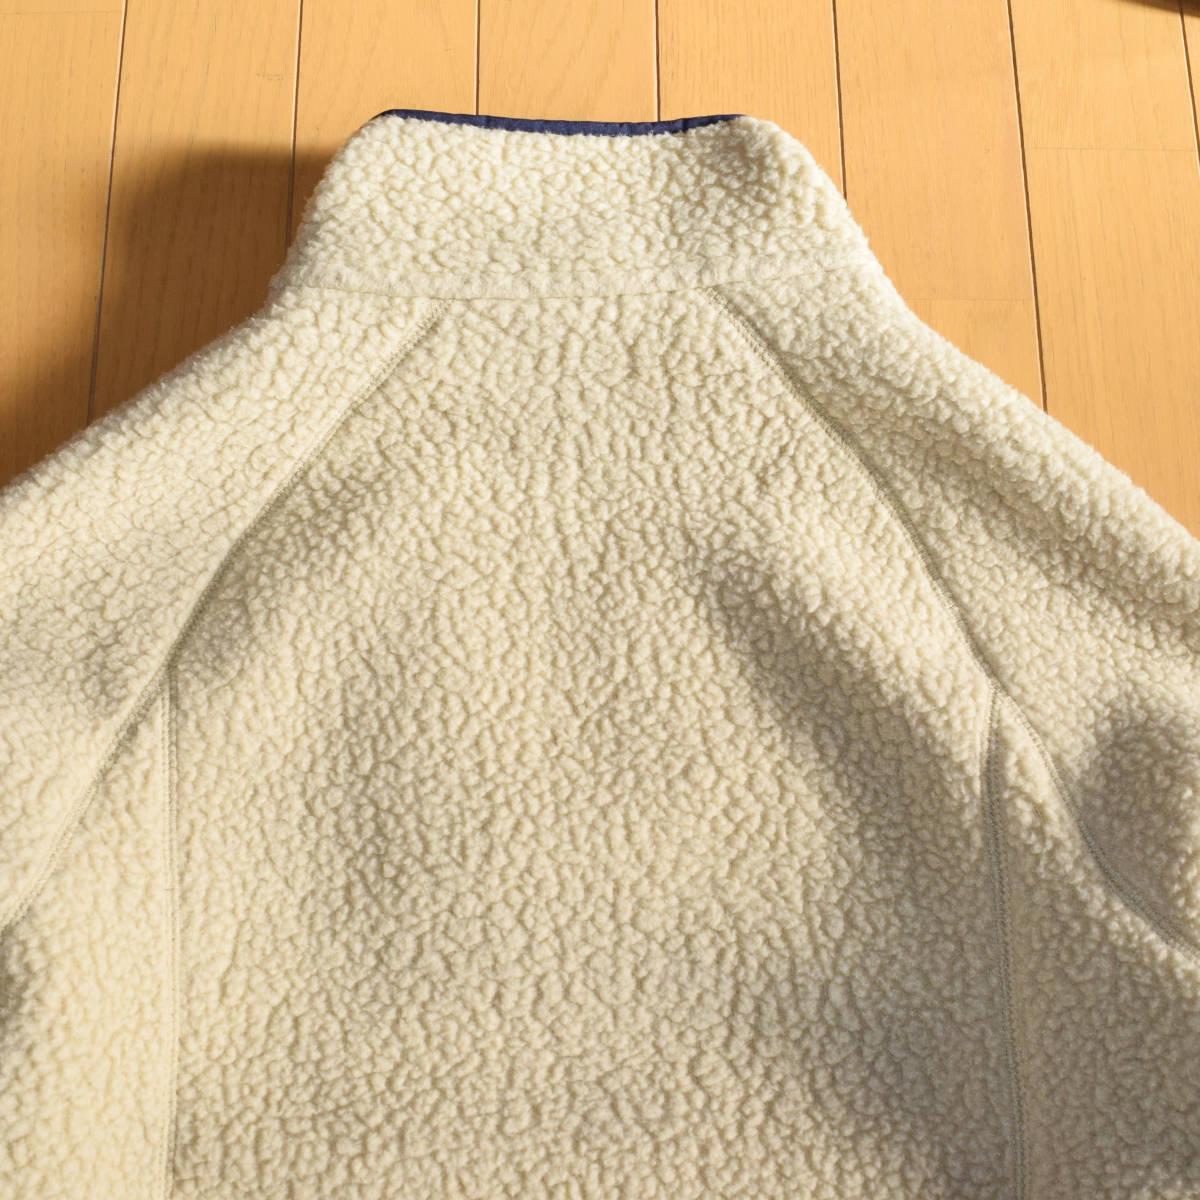 美品!人気カラー patagonia パタゴニア MEN'S retro pile jacket M サイズ レトロパイル ジャケット レトロX 希少カラー _画像10